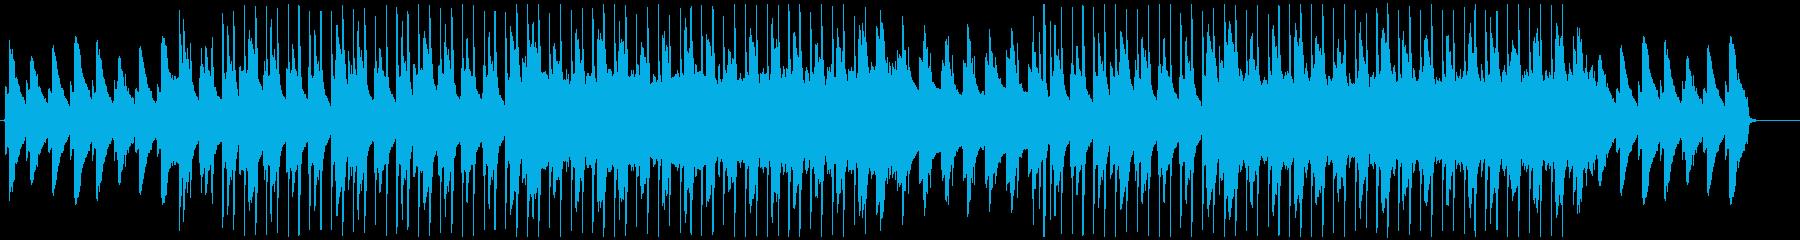 ピアノが特徴的なジャズヒップホップの再生済みの波形